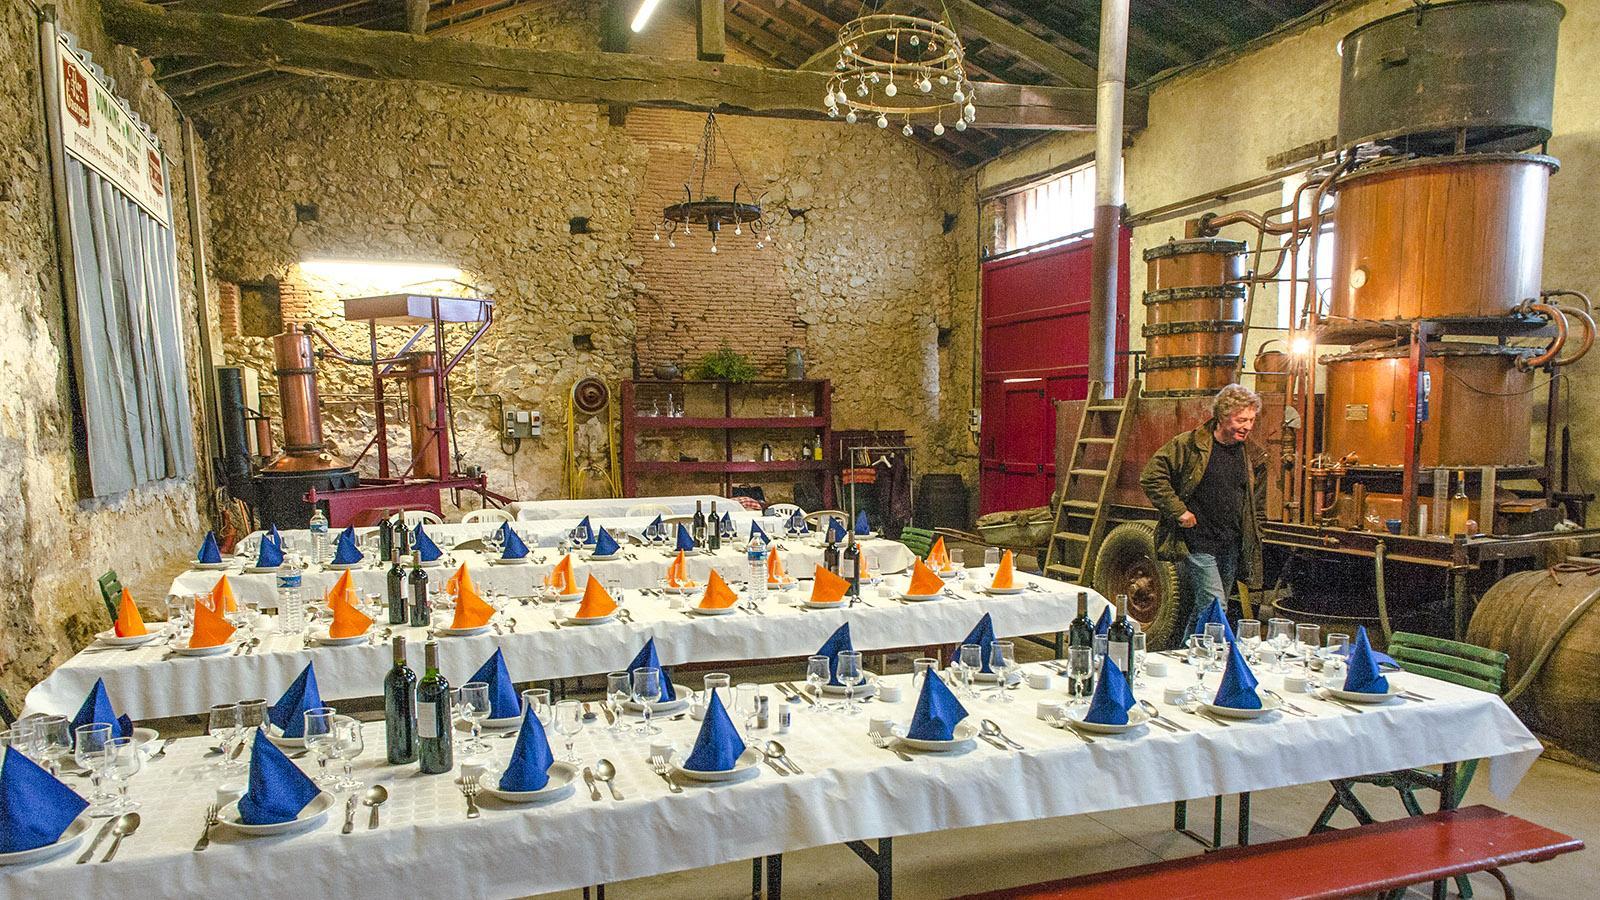 Château de Millet: Beim Schaubrennen wird die Scheune zur Gaststube und ein mobiler Alambic aufgestellt. Foto: Hilke Maunder